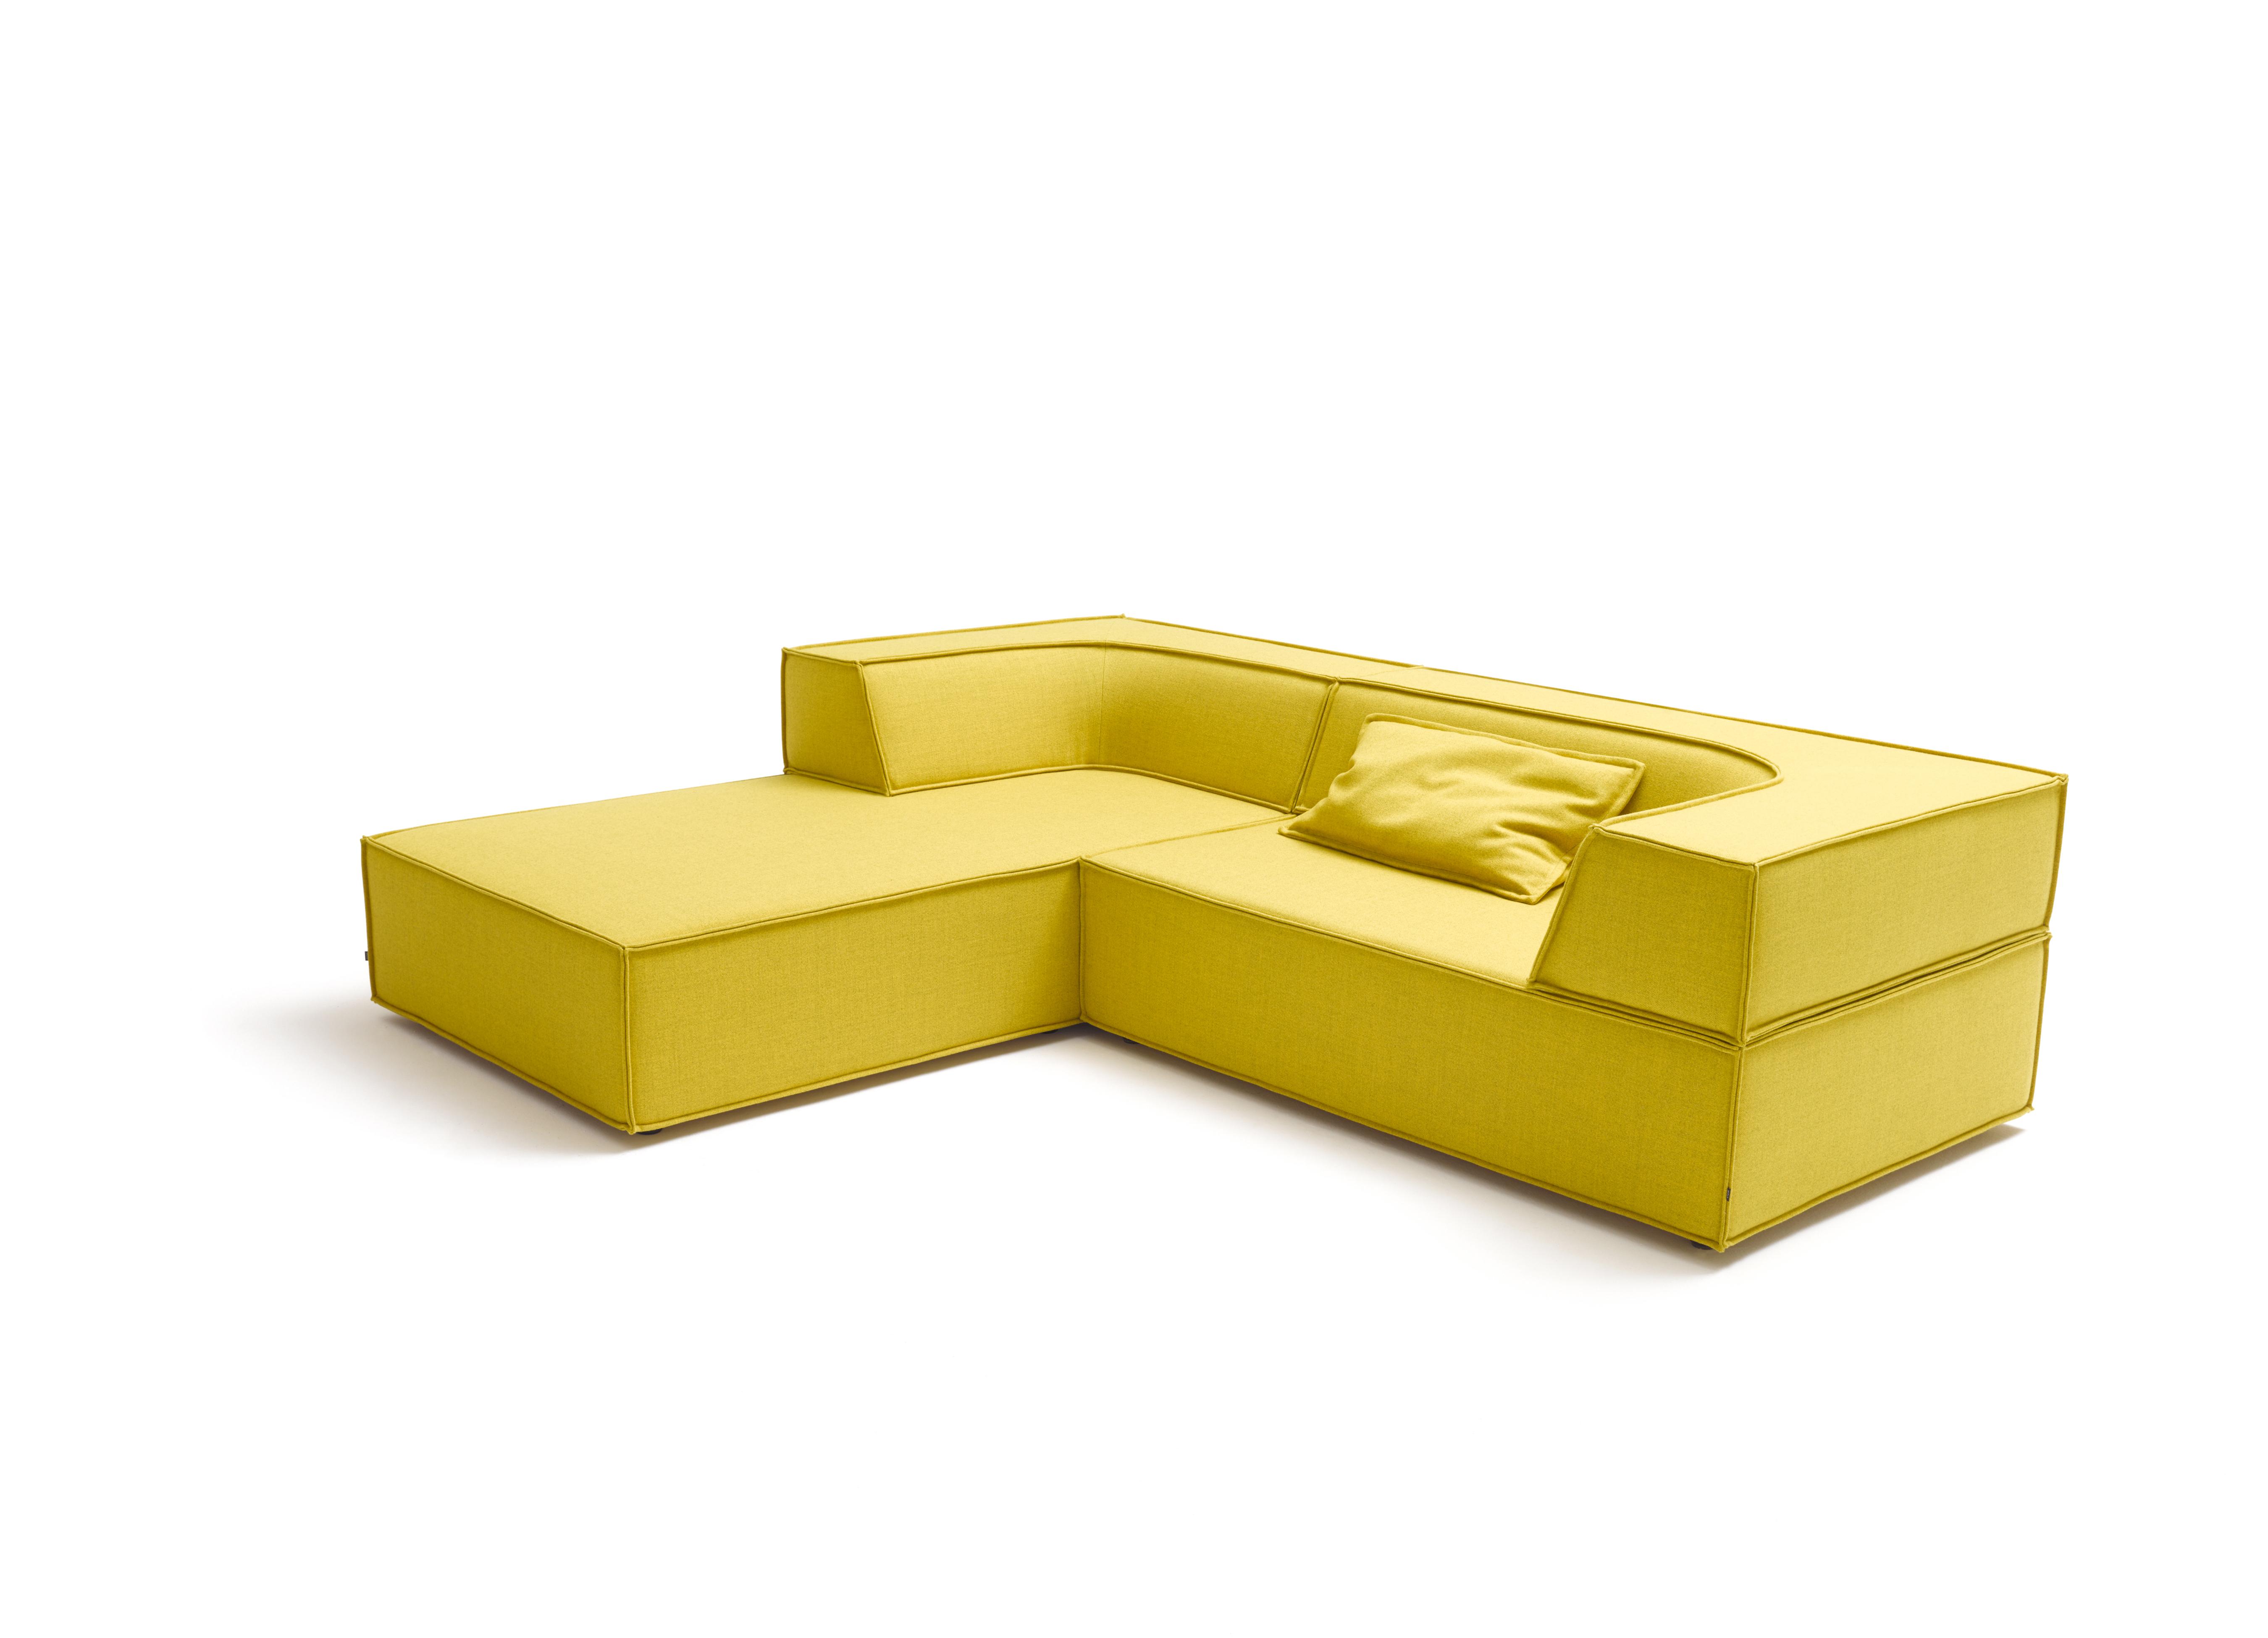 neues elementares sitzvergn gen bereits ausgezeichnet cor. Black Bedroom Furniture Sets. Home Design Ideas